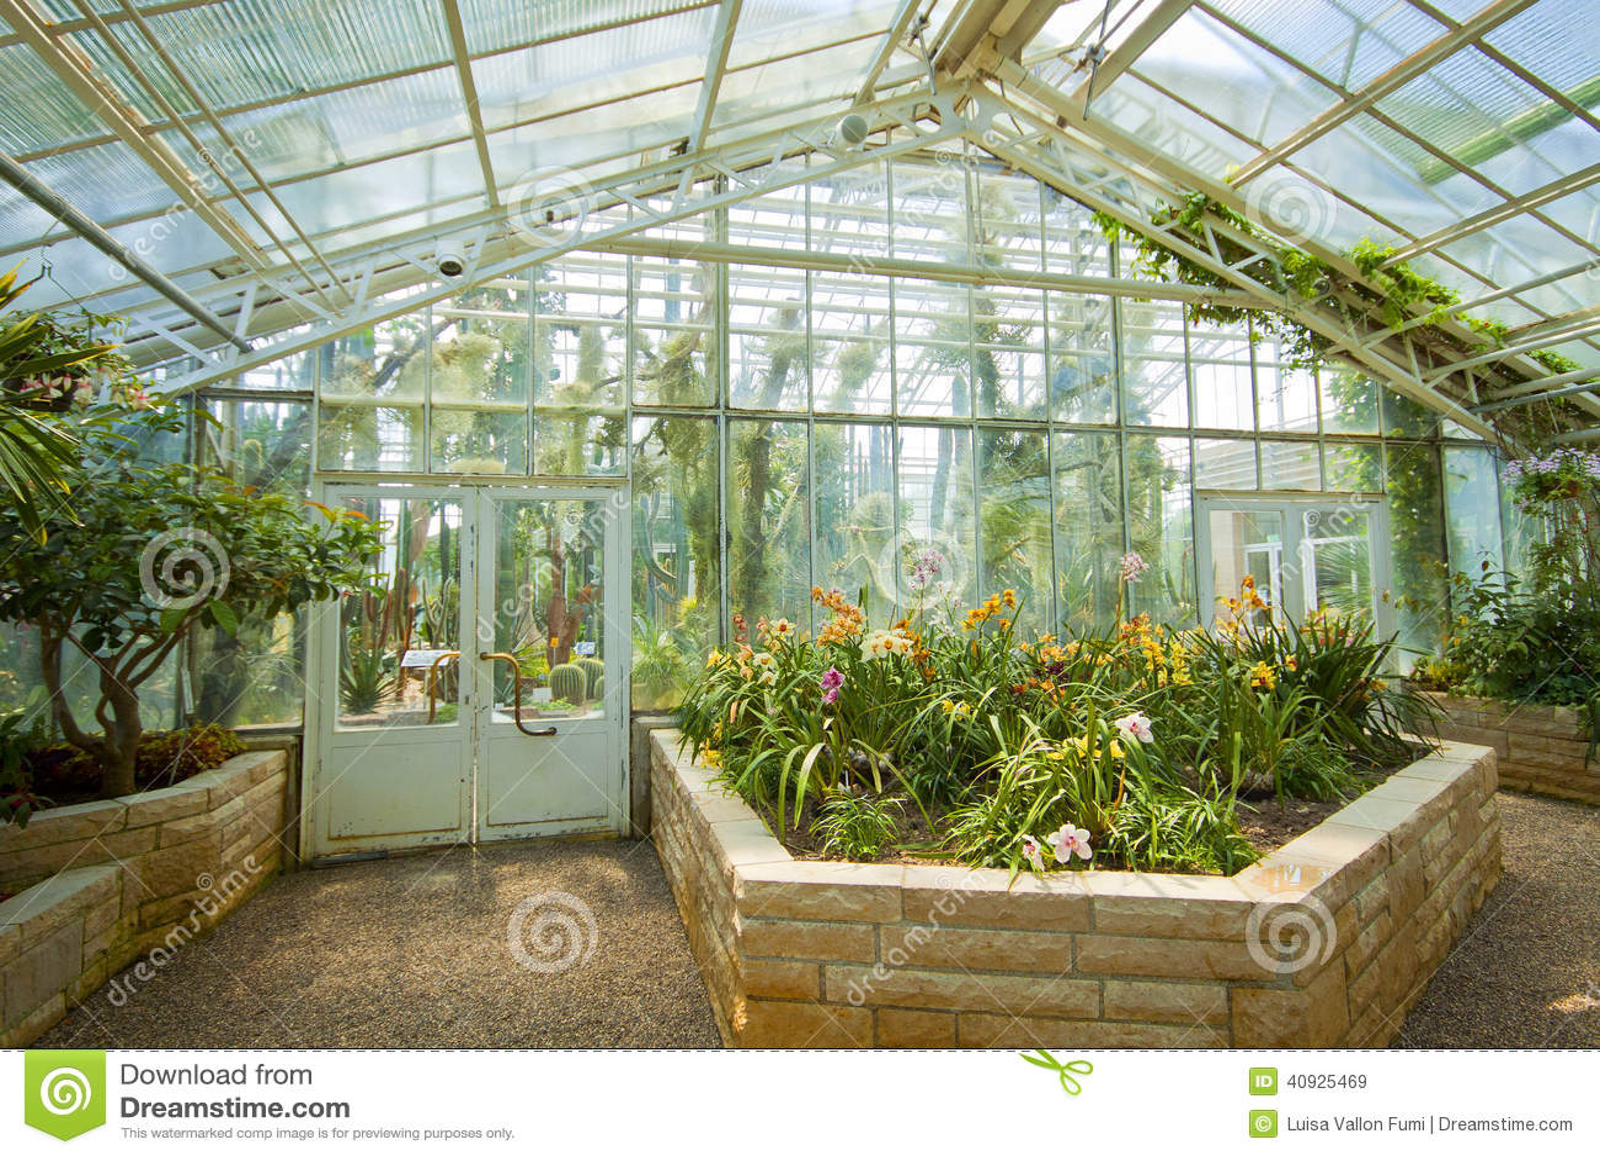 munich serre chaude d 39 orchid es de jardin botanique image. Black Bedroom Furniture Sets. Home Design Ideas